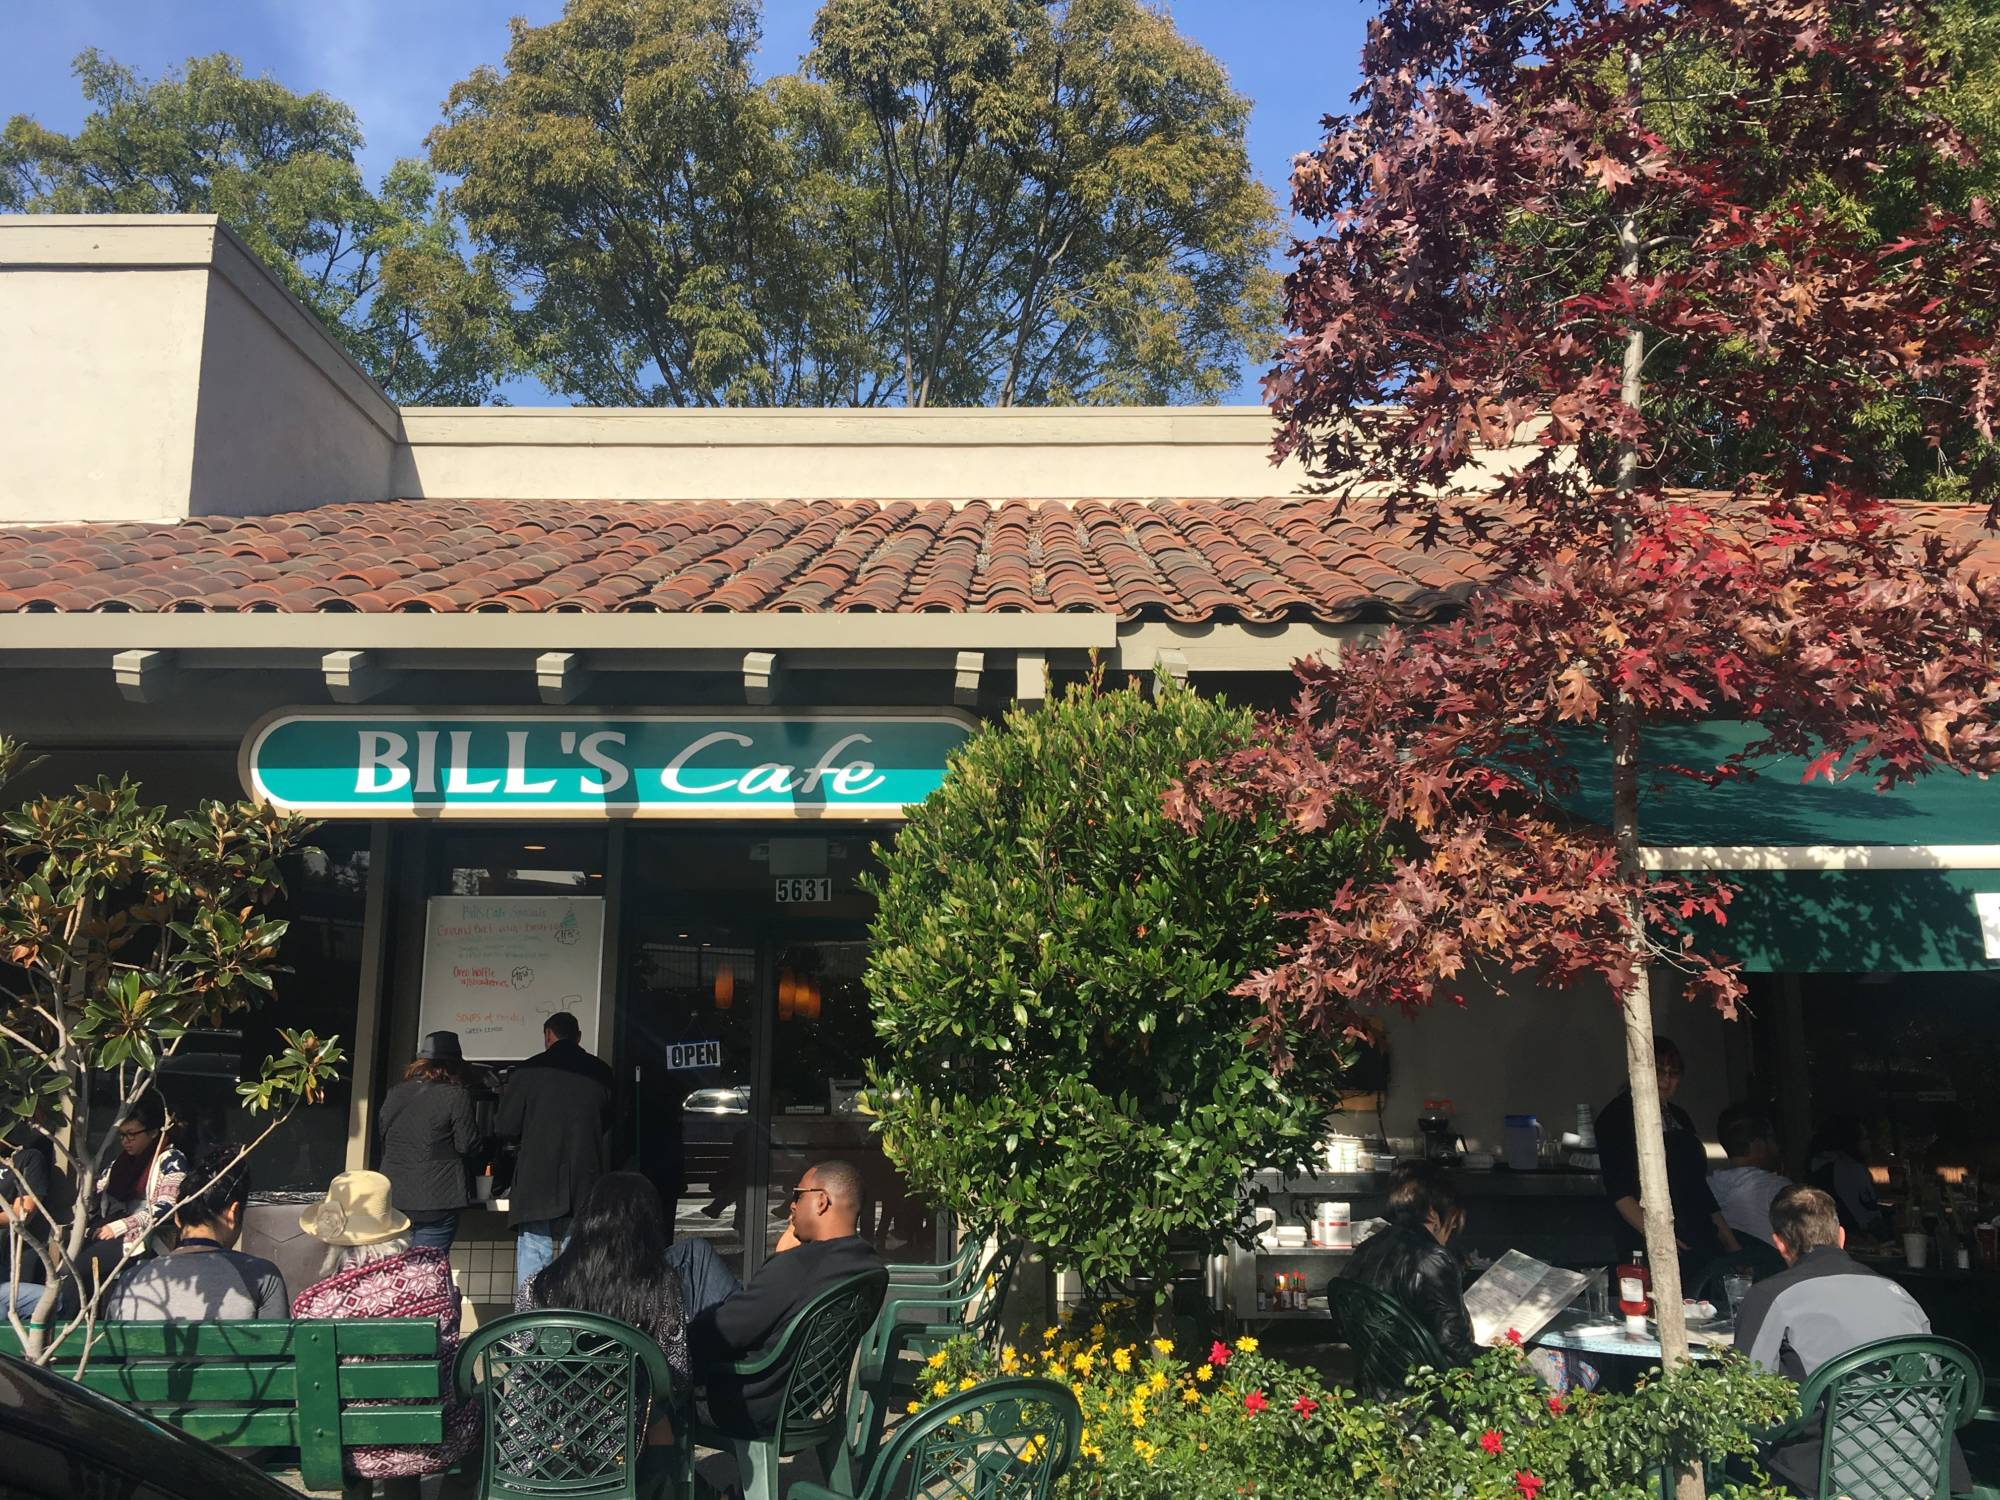 Outside Bill's Cafe in San Jose.